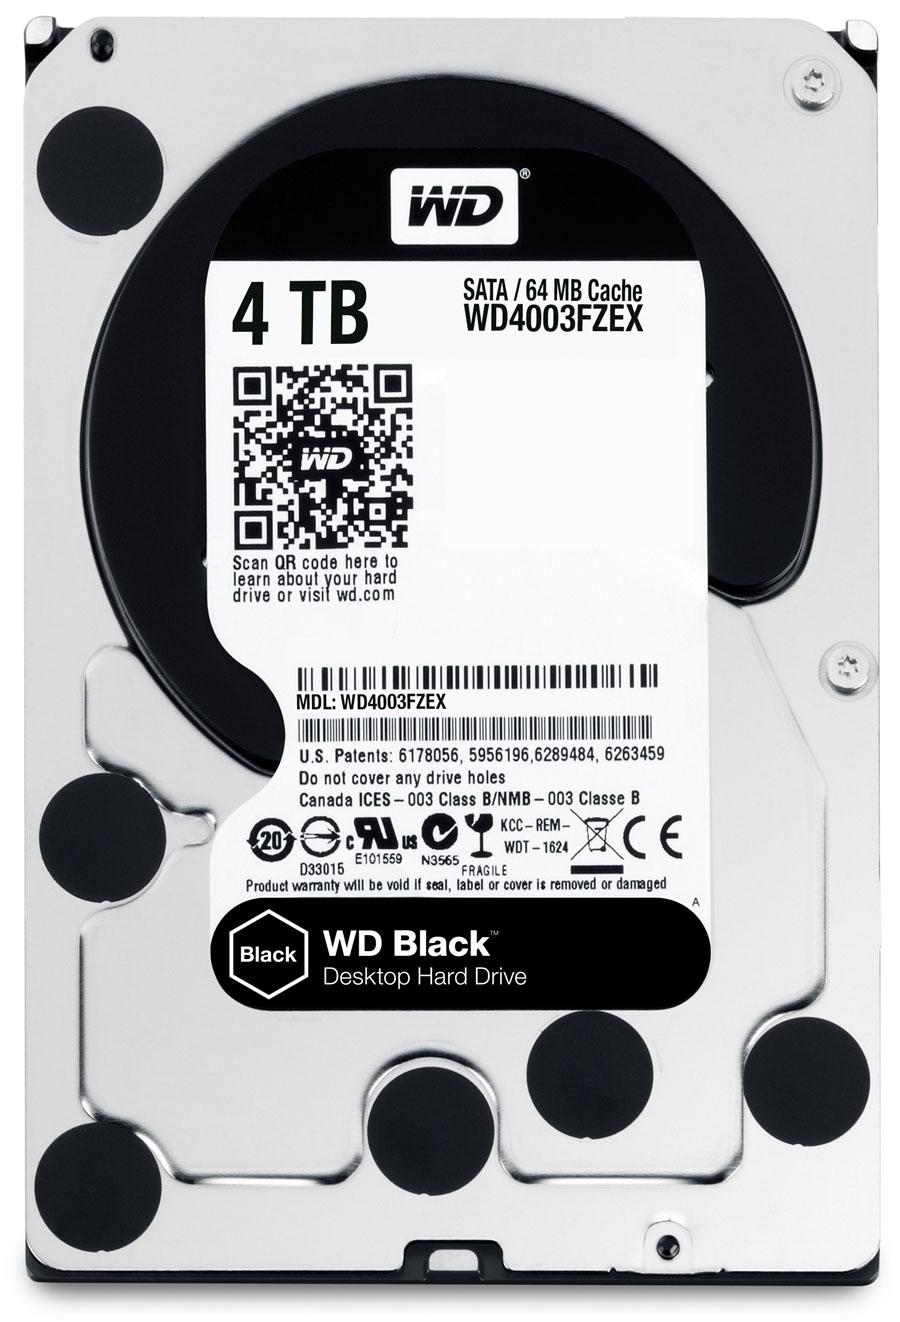 WD-6TB-Black-HDD-WD4003FZEX-1